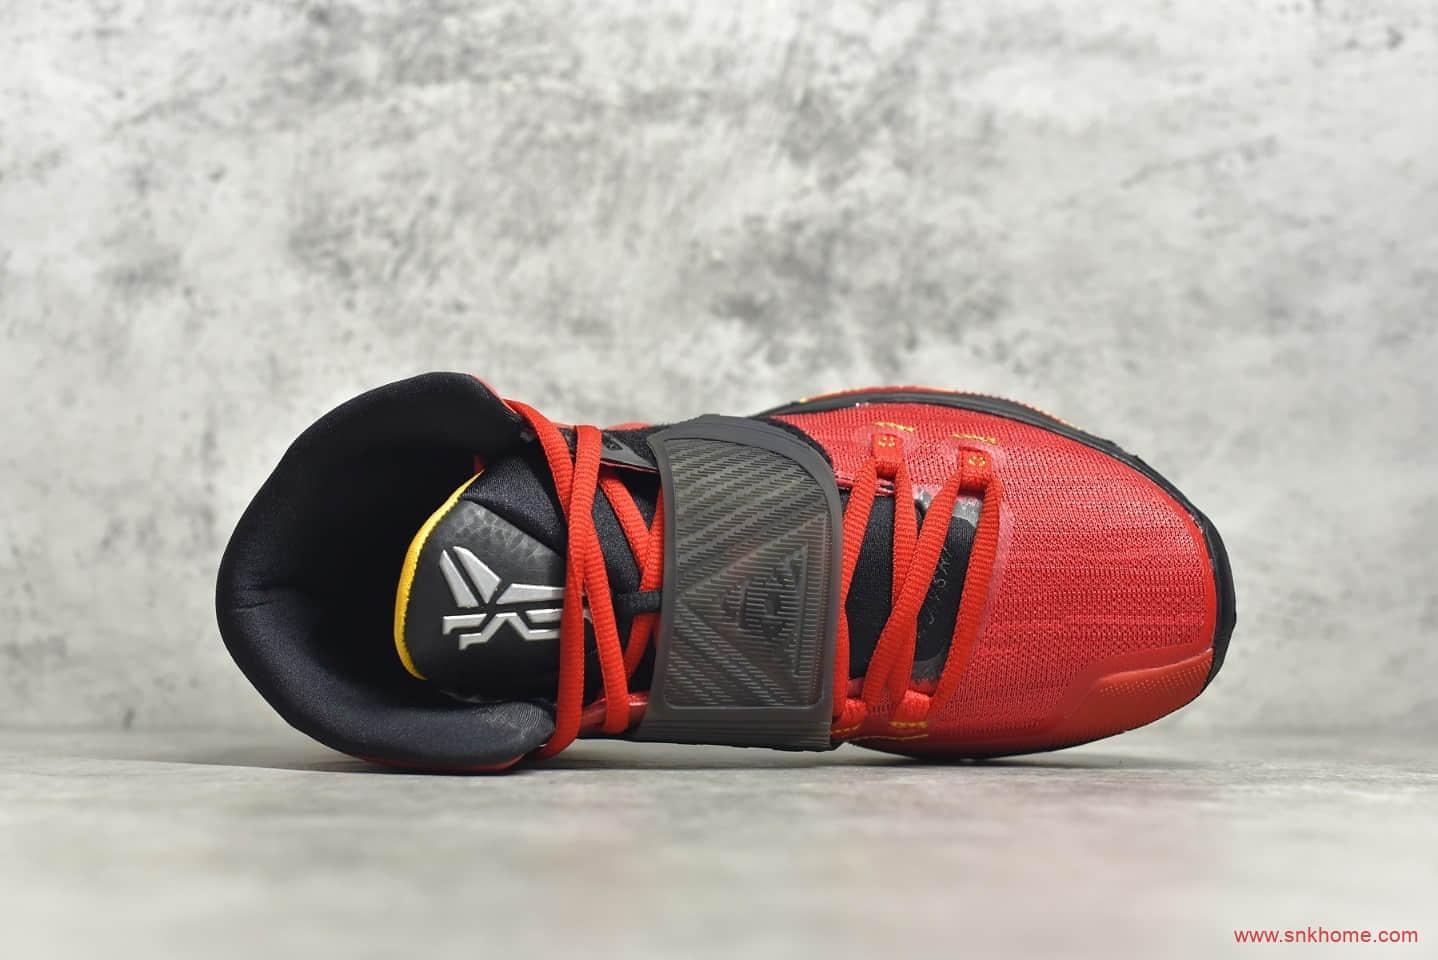 耐克欧文6李小龙球鞋 灭世纯原欧文6 最终章李小龙80周年诞辰 欧文6代黑红战靴 货号:CJ1290-600-潮流者之家